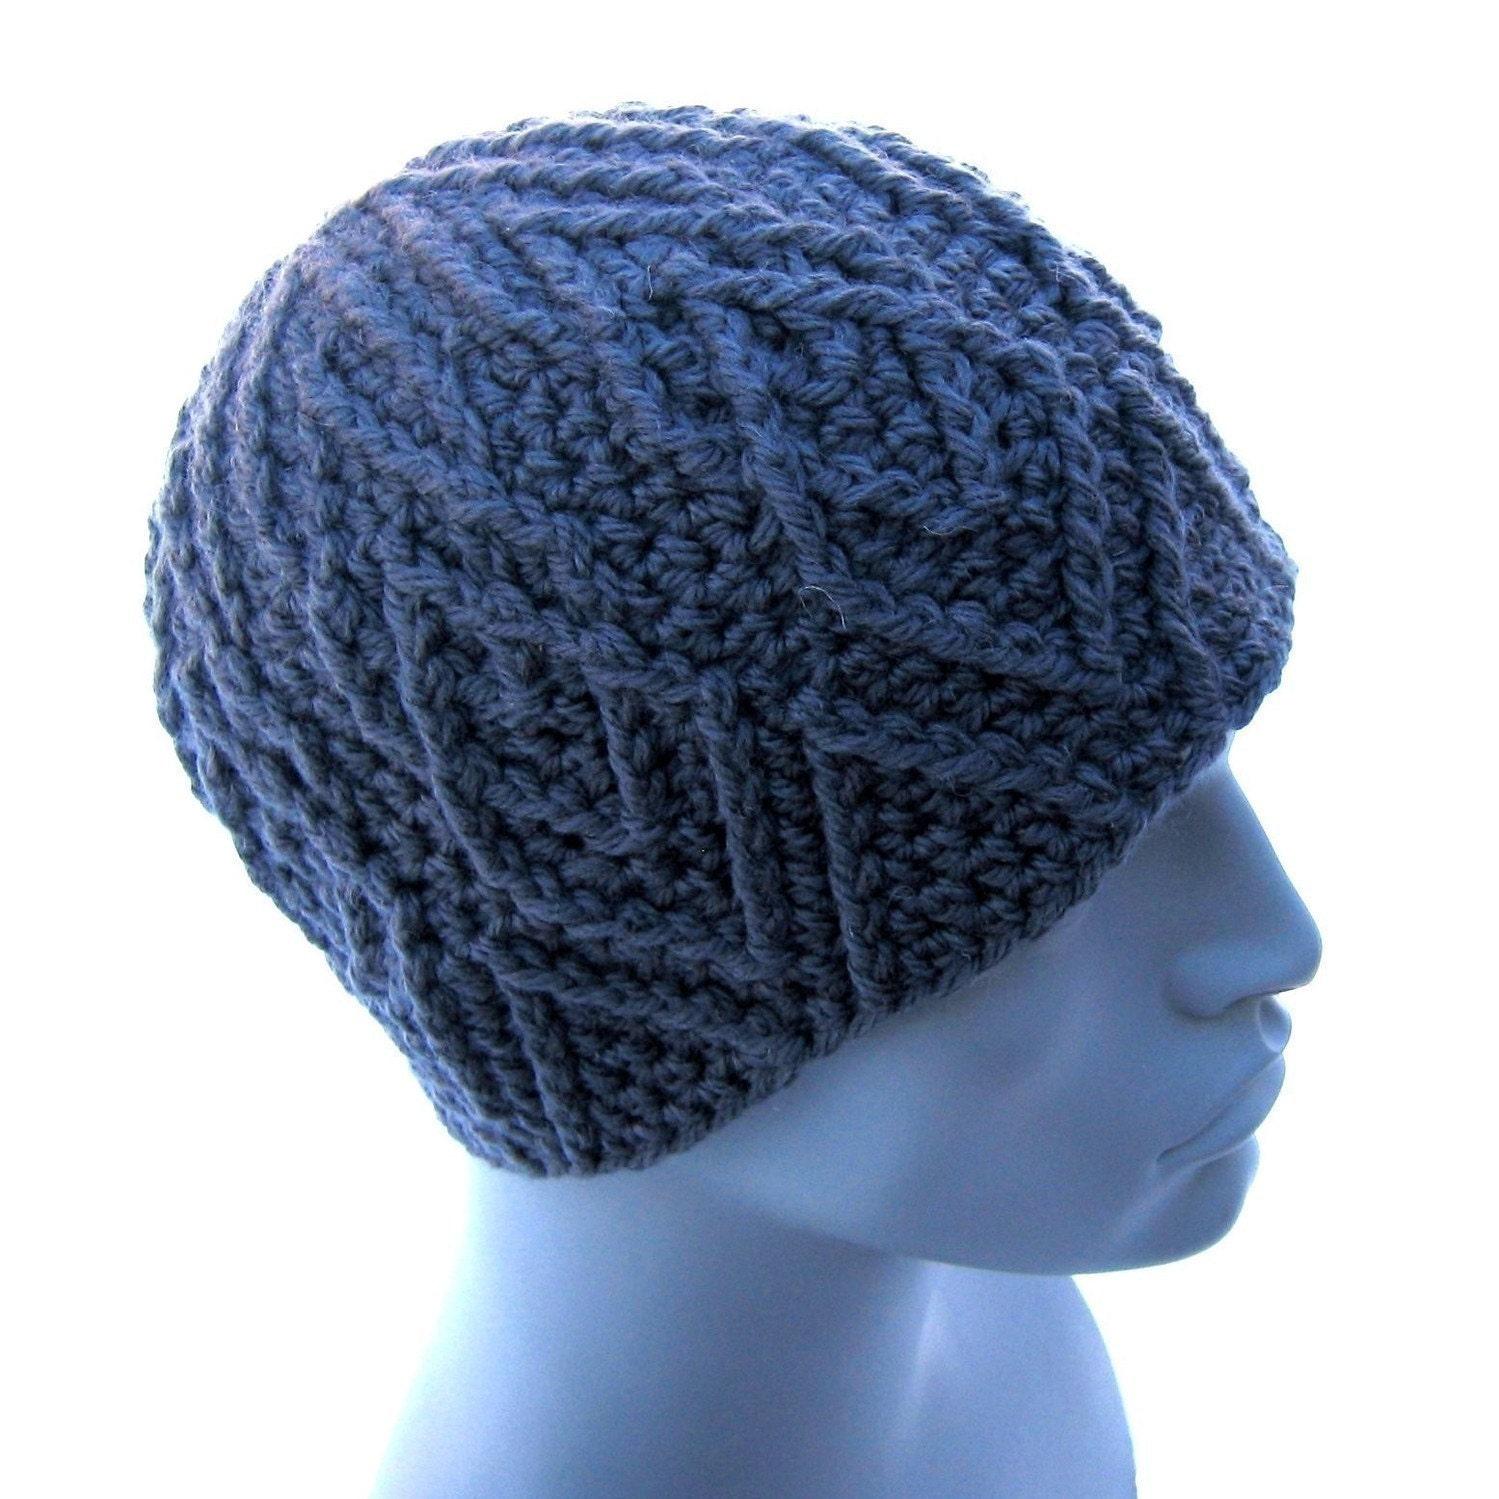 Download Crochet Patterns, Baby Beanie Hat Crochet Pattern